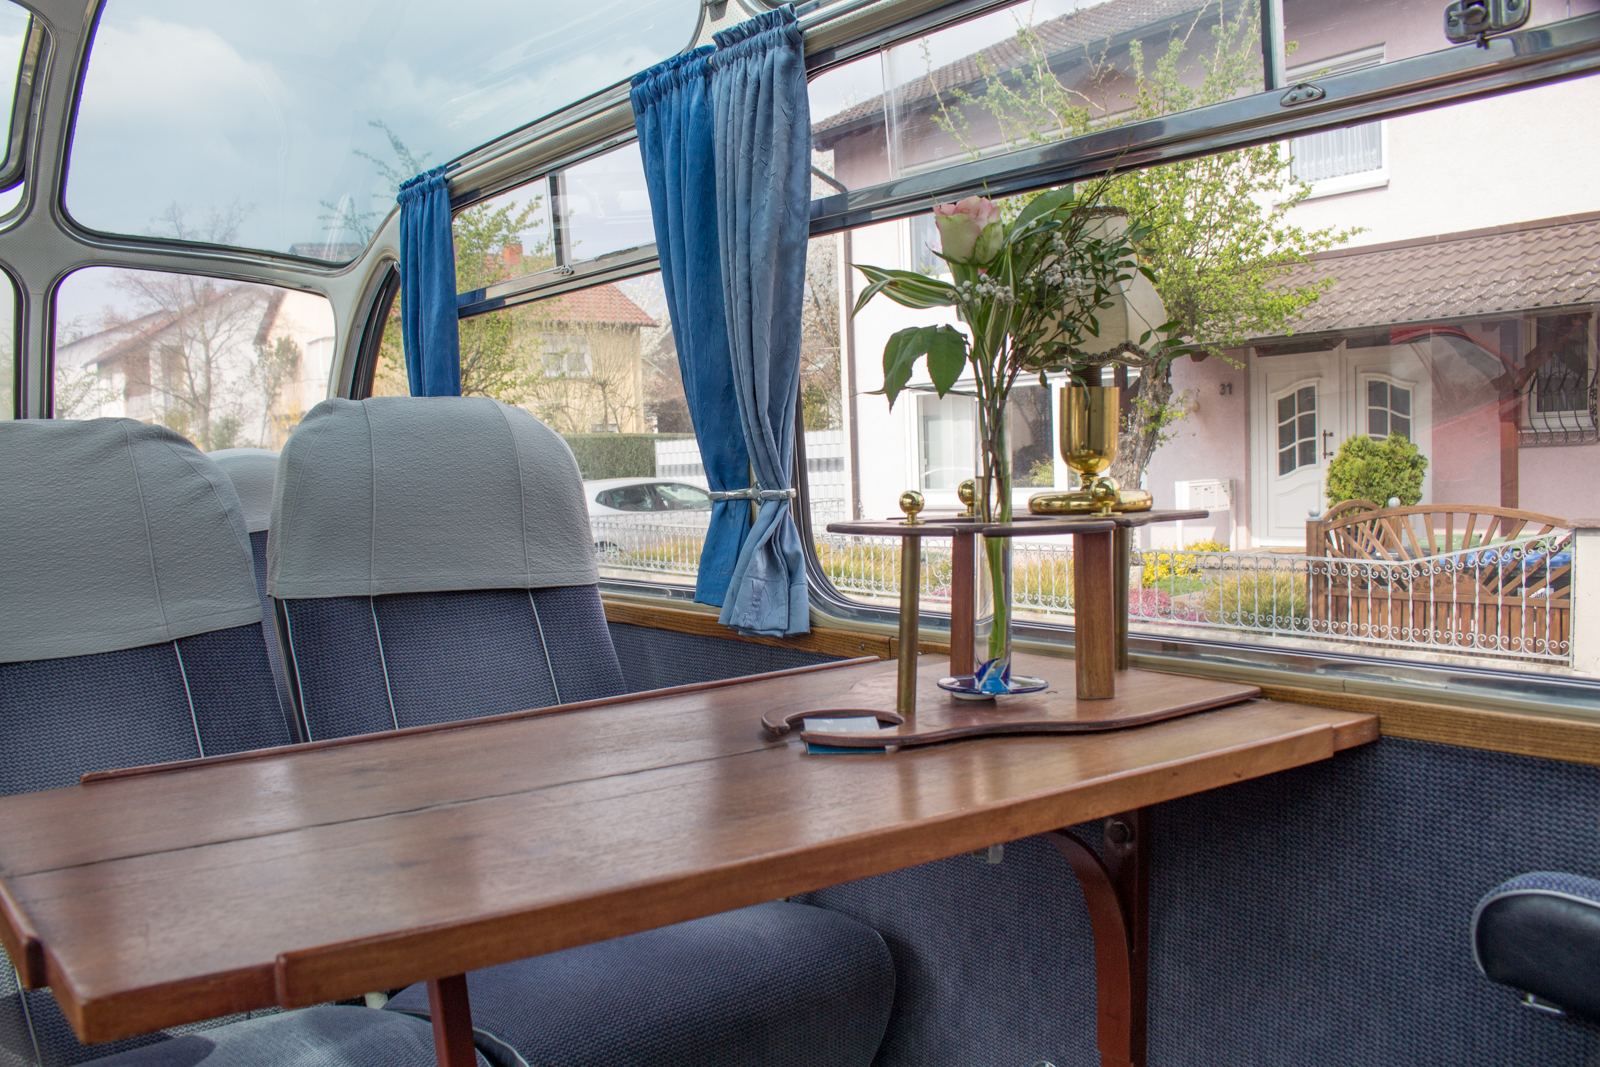 Cabriotour, Roadtrip, Pfalz, Weinstraße, Südliche Weinstraße, Reiseblog, #RLPerleben, Rheinland-Pfalz